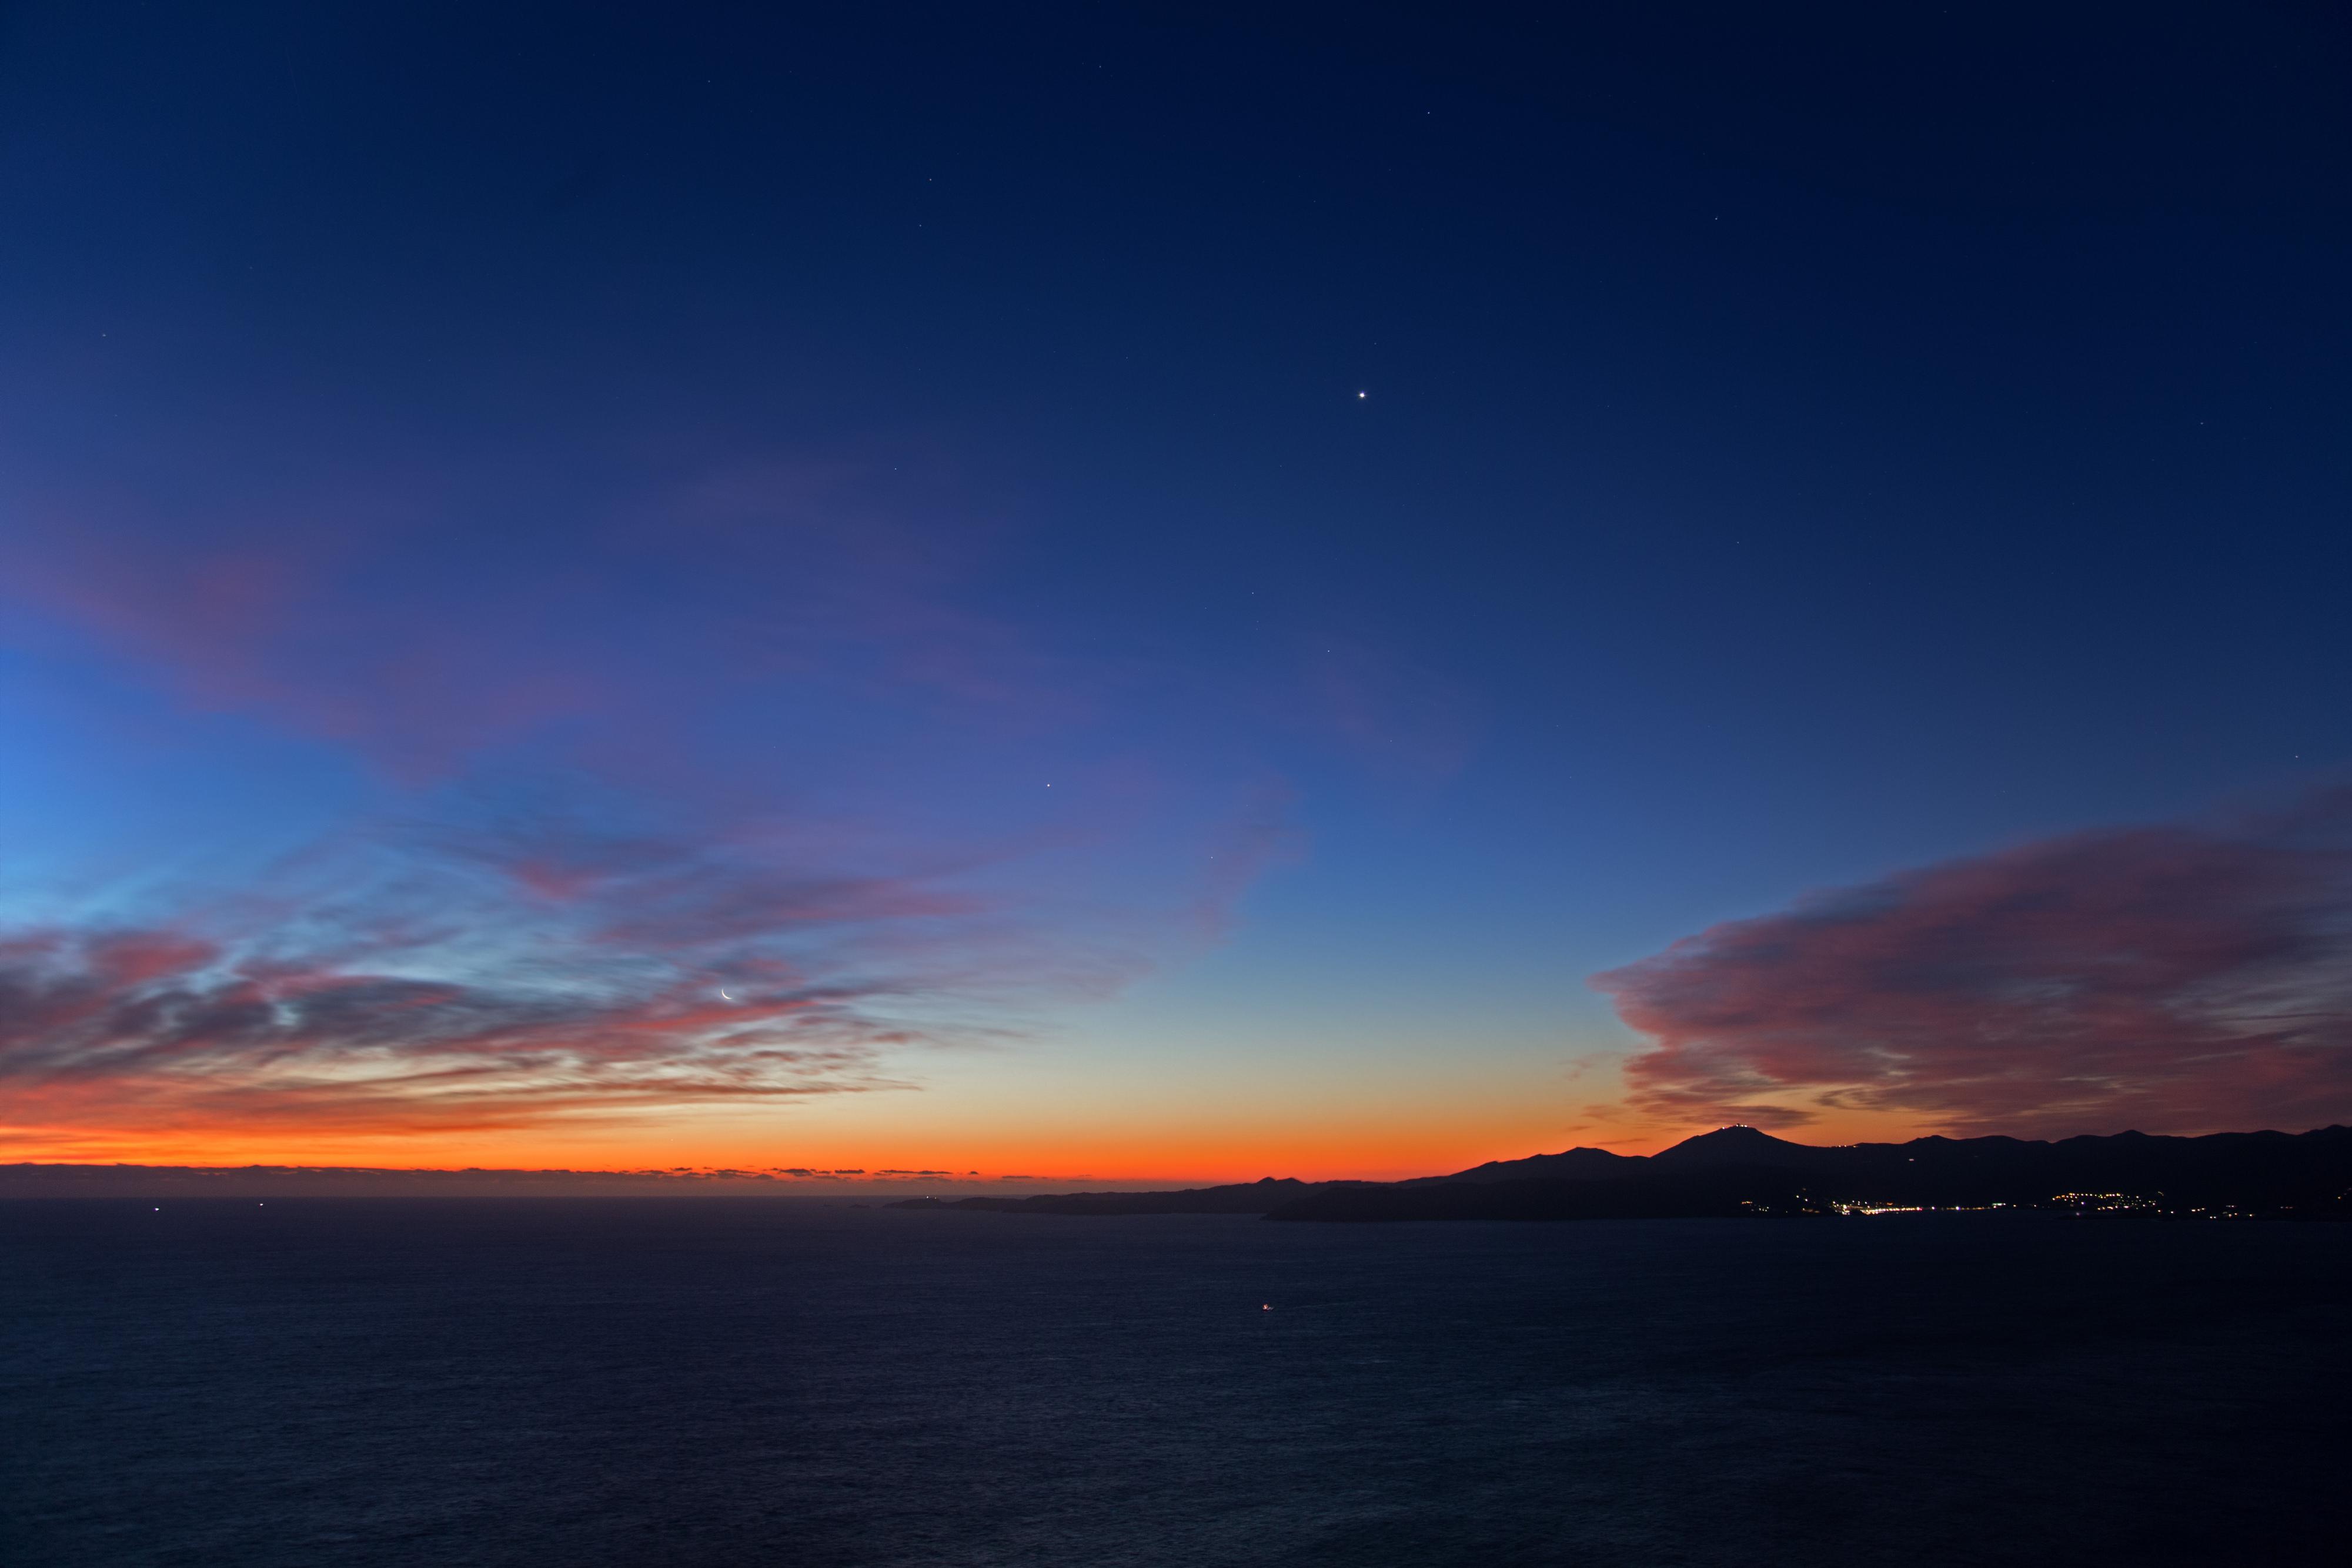 7h27, le jour s'installe et alignement Mercure Lune, Jupiter et Vénus